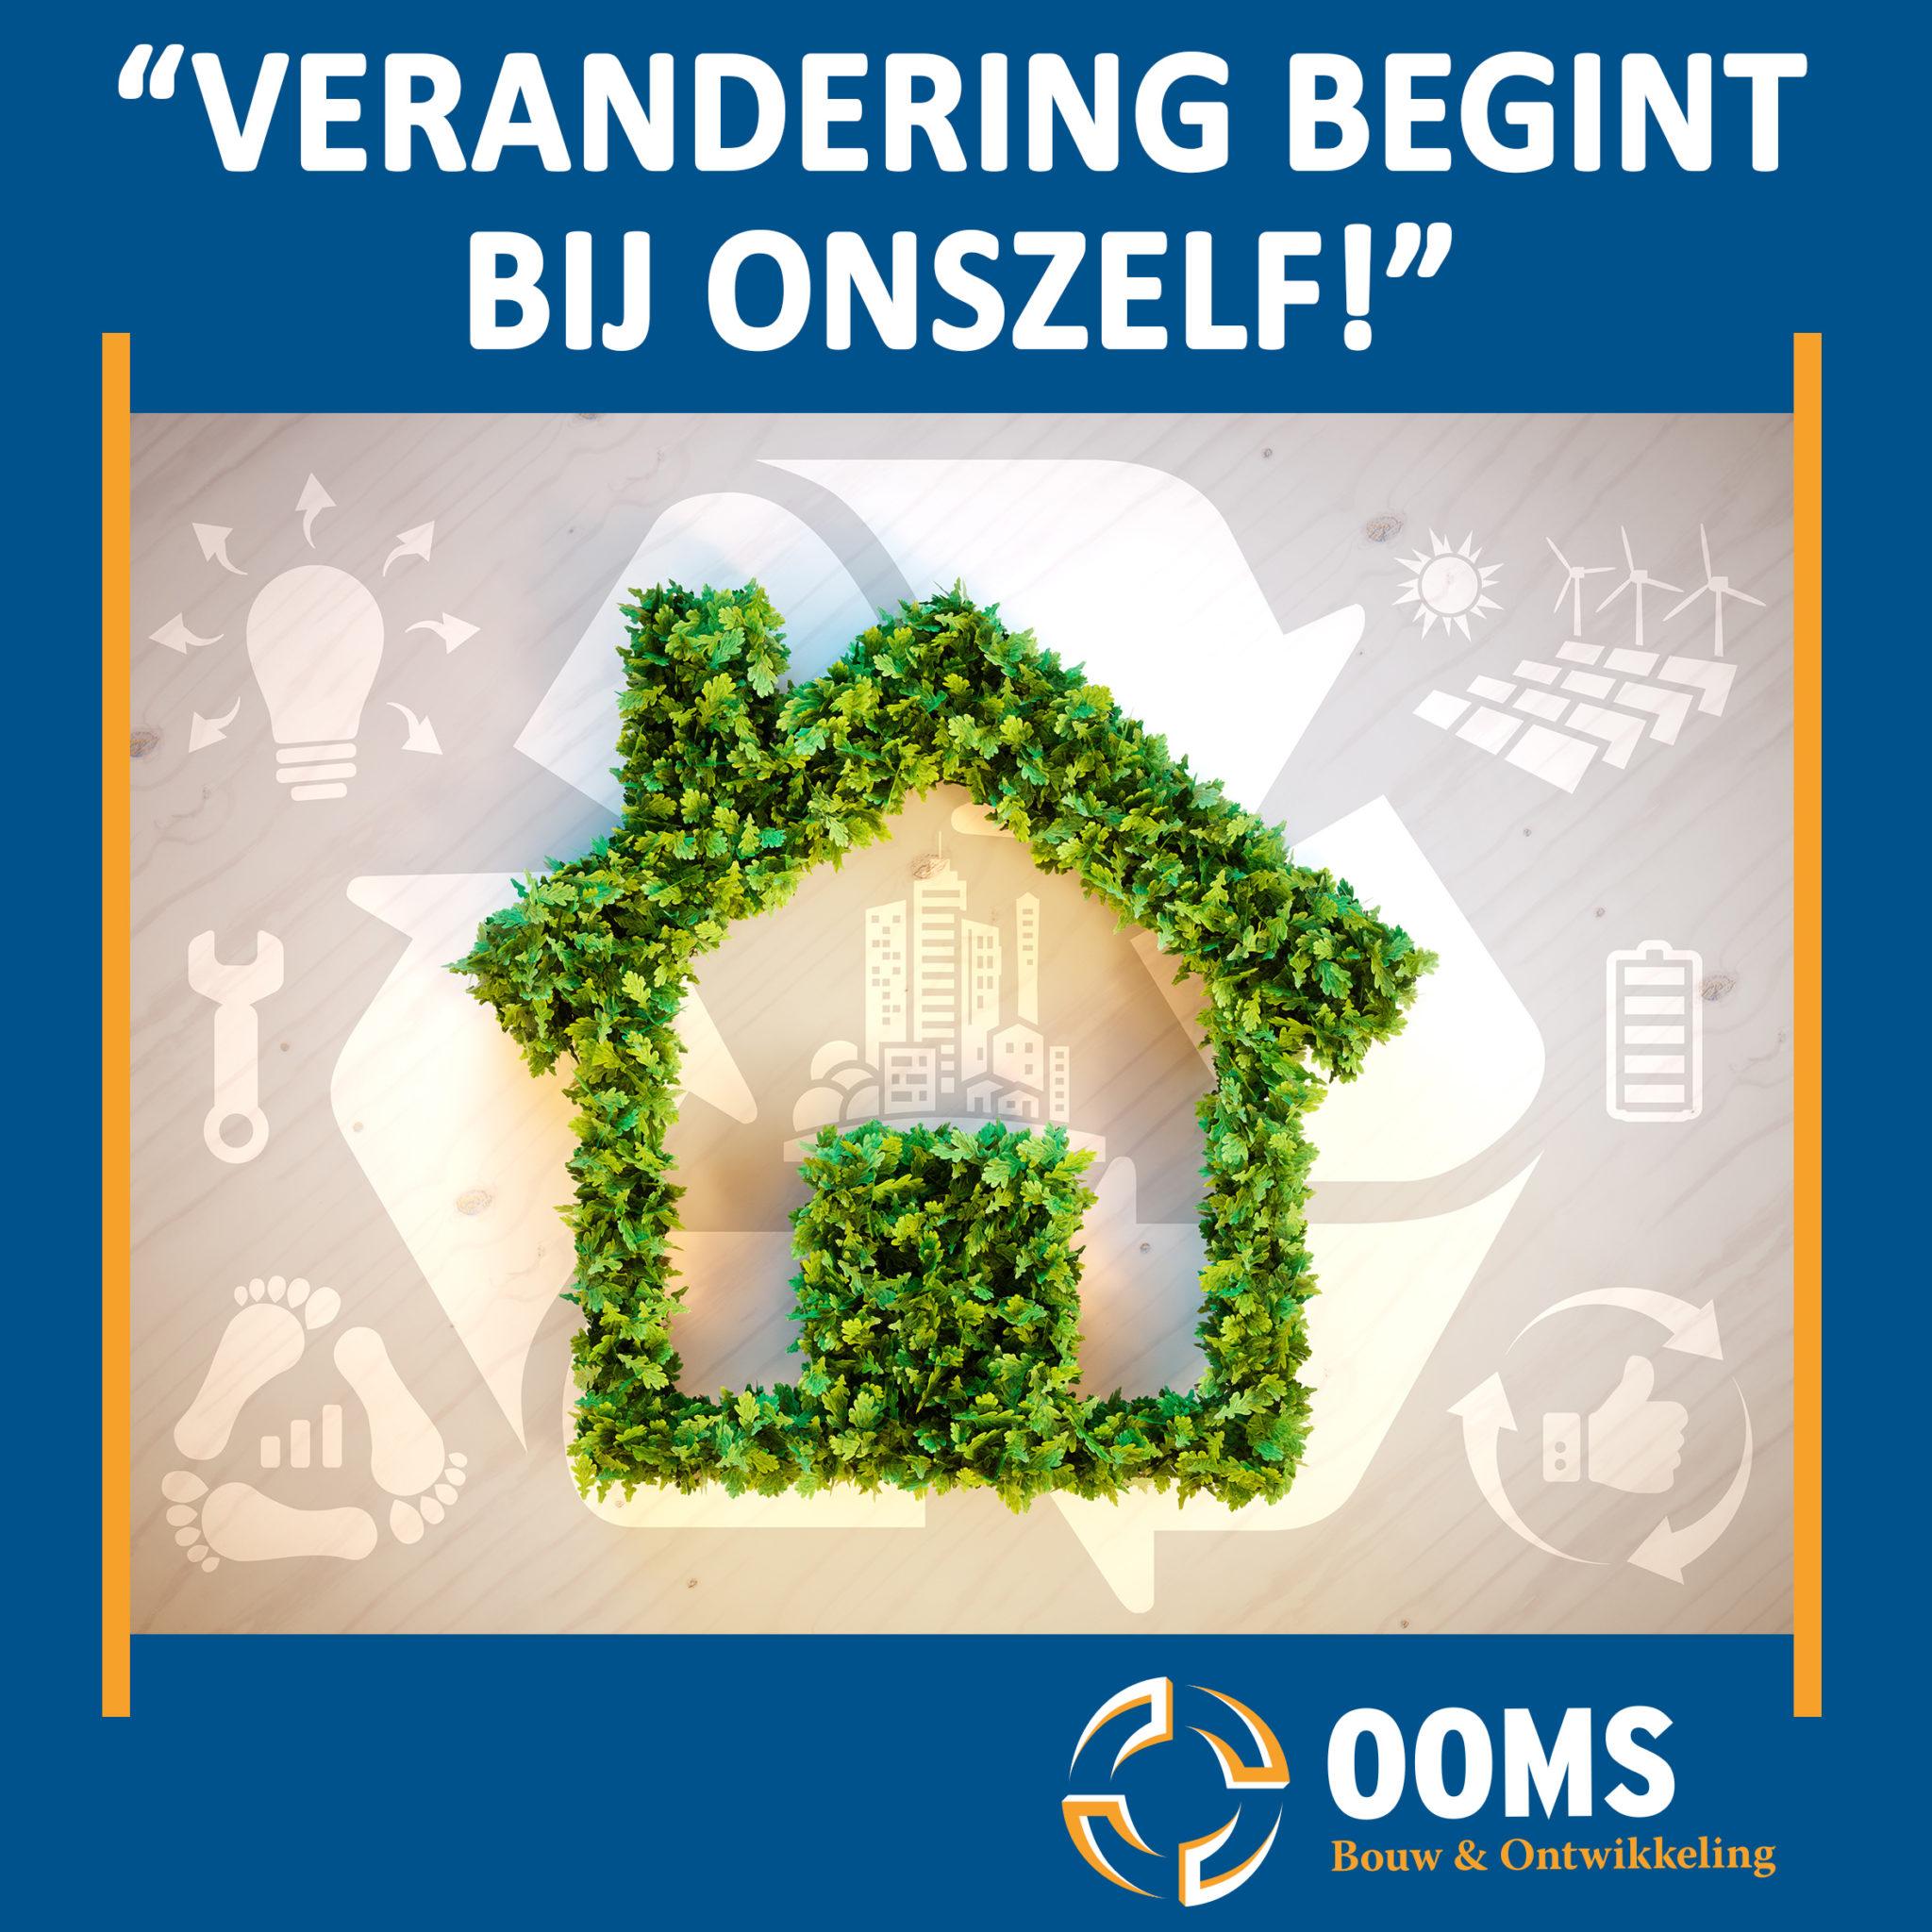 Verandering Begint Bij Onszelf - Ooms Bouw & Ontwikkeling